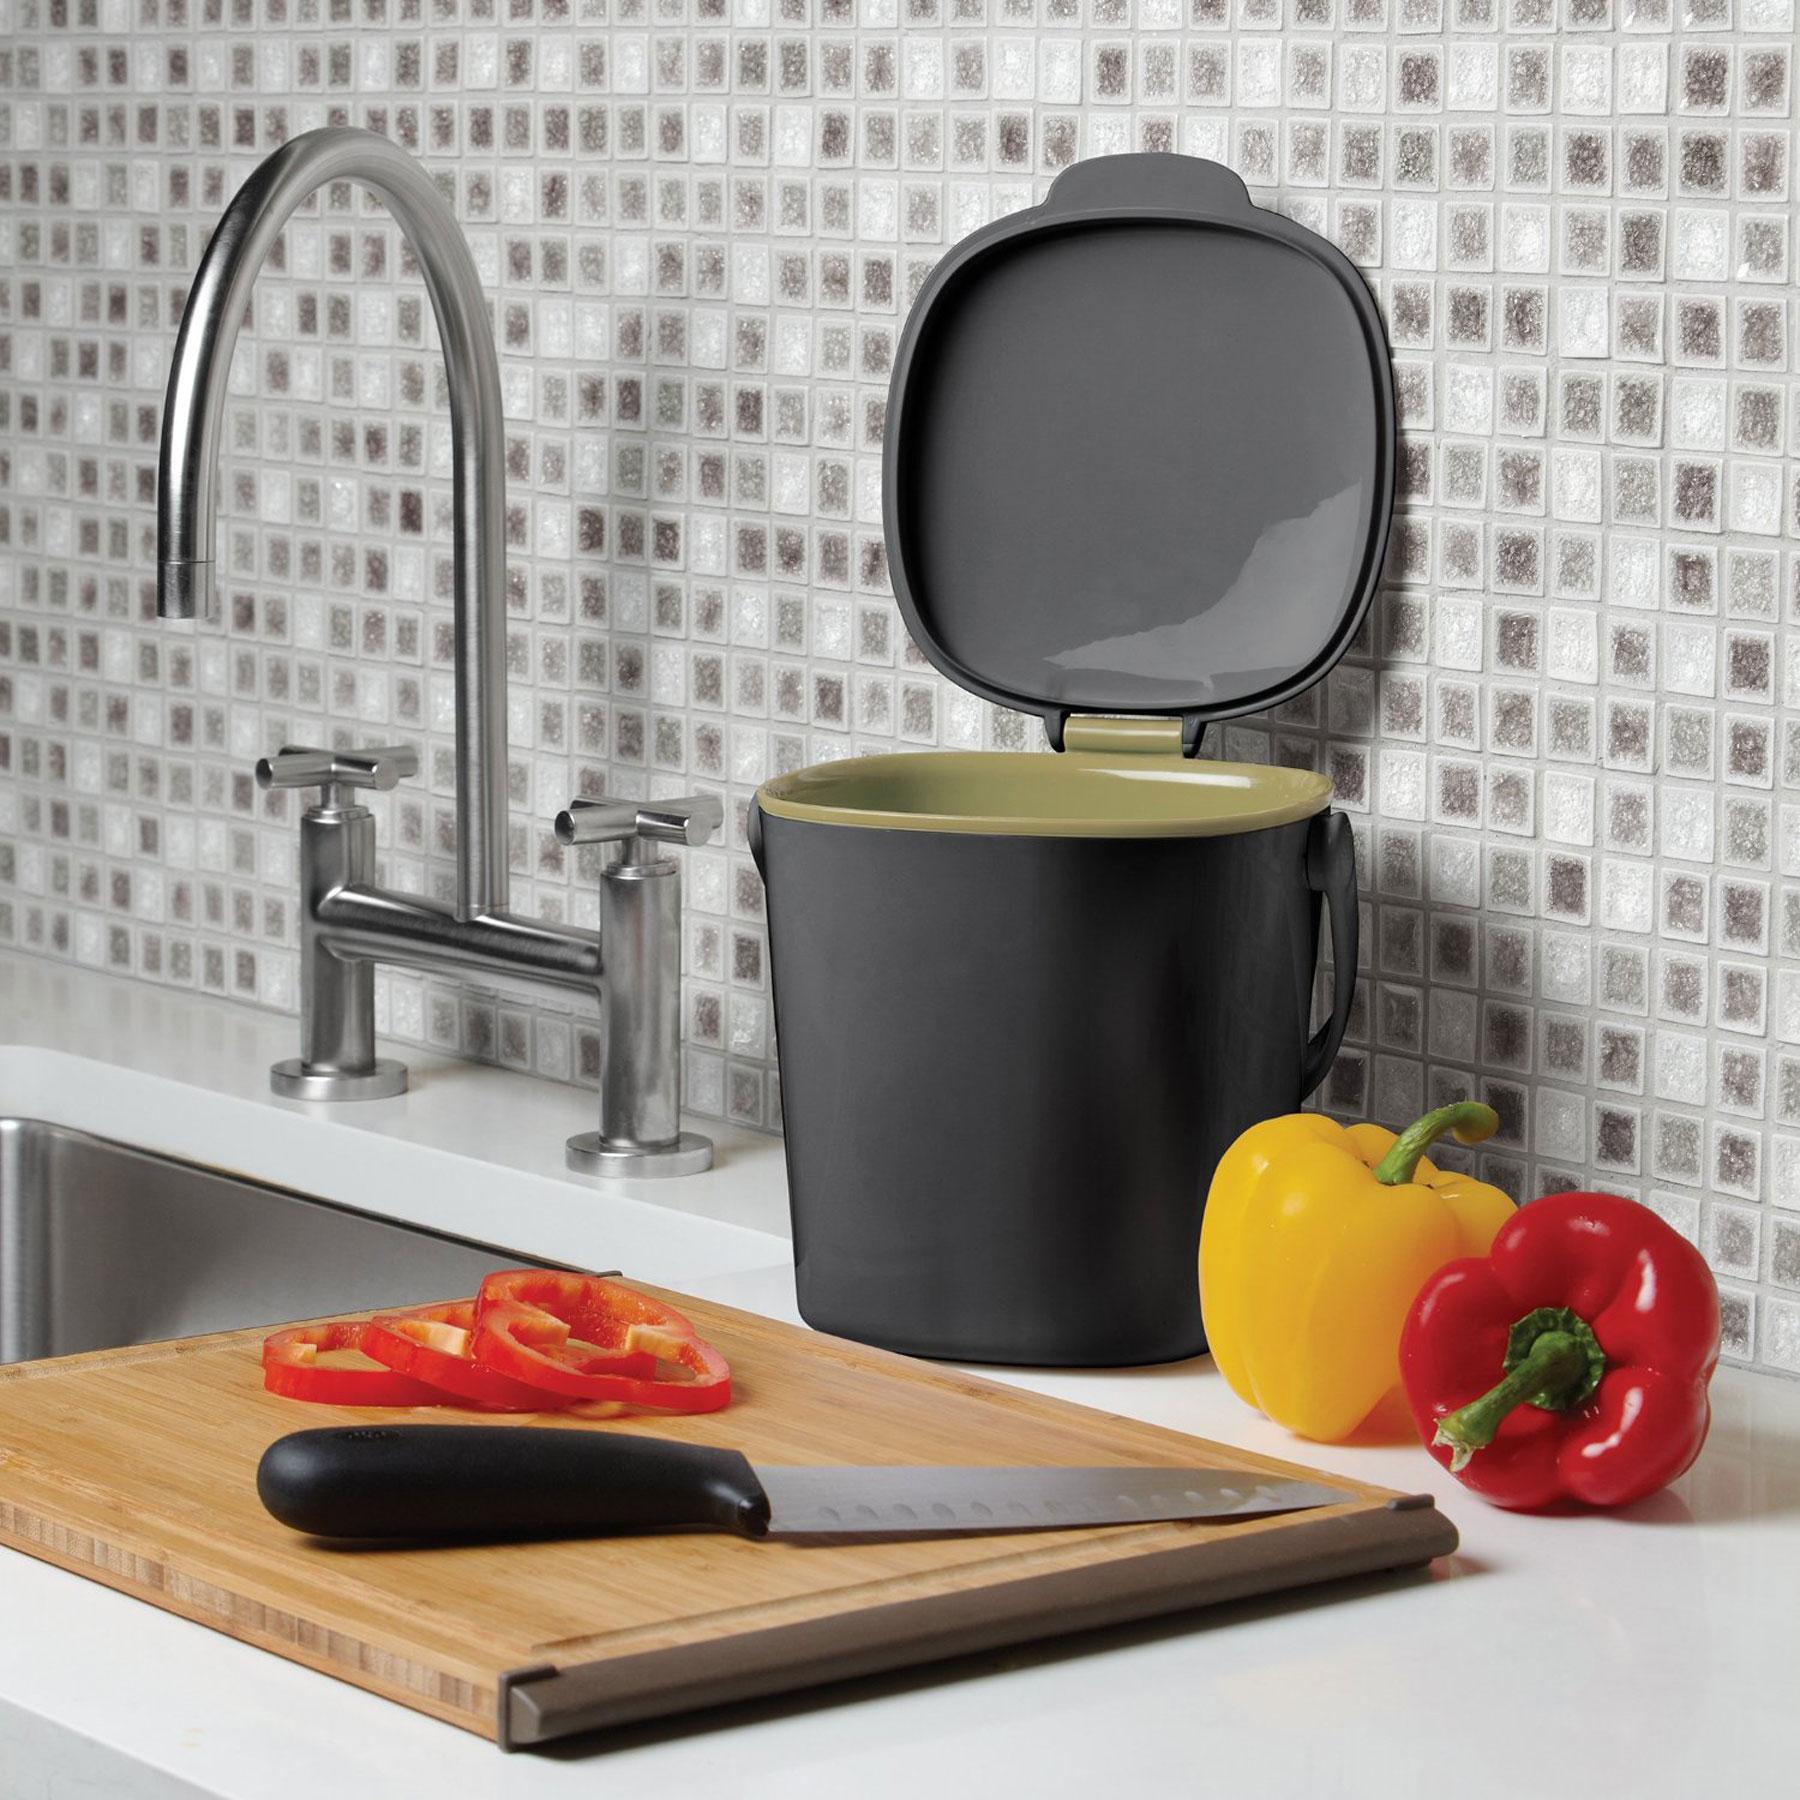 OXO Good Grips kleiner Küchen Komposteimer, Grau NEU | eBay